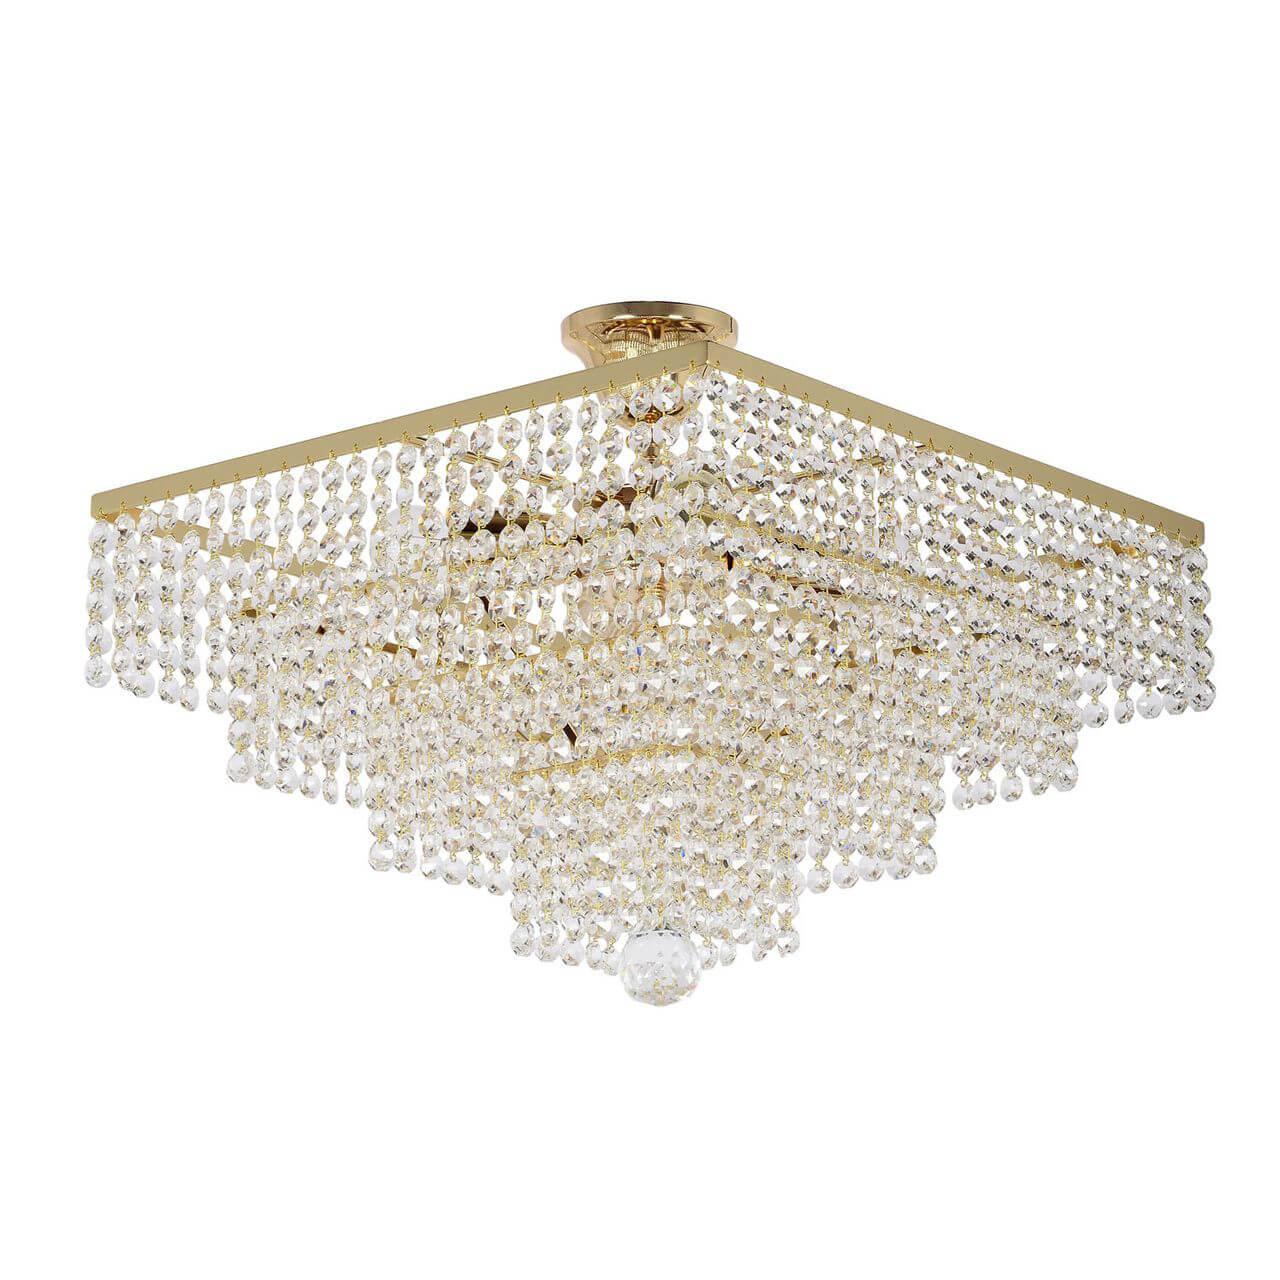 Arti Lampadari Rozzano E 1.5.40.600 G